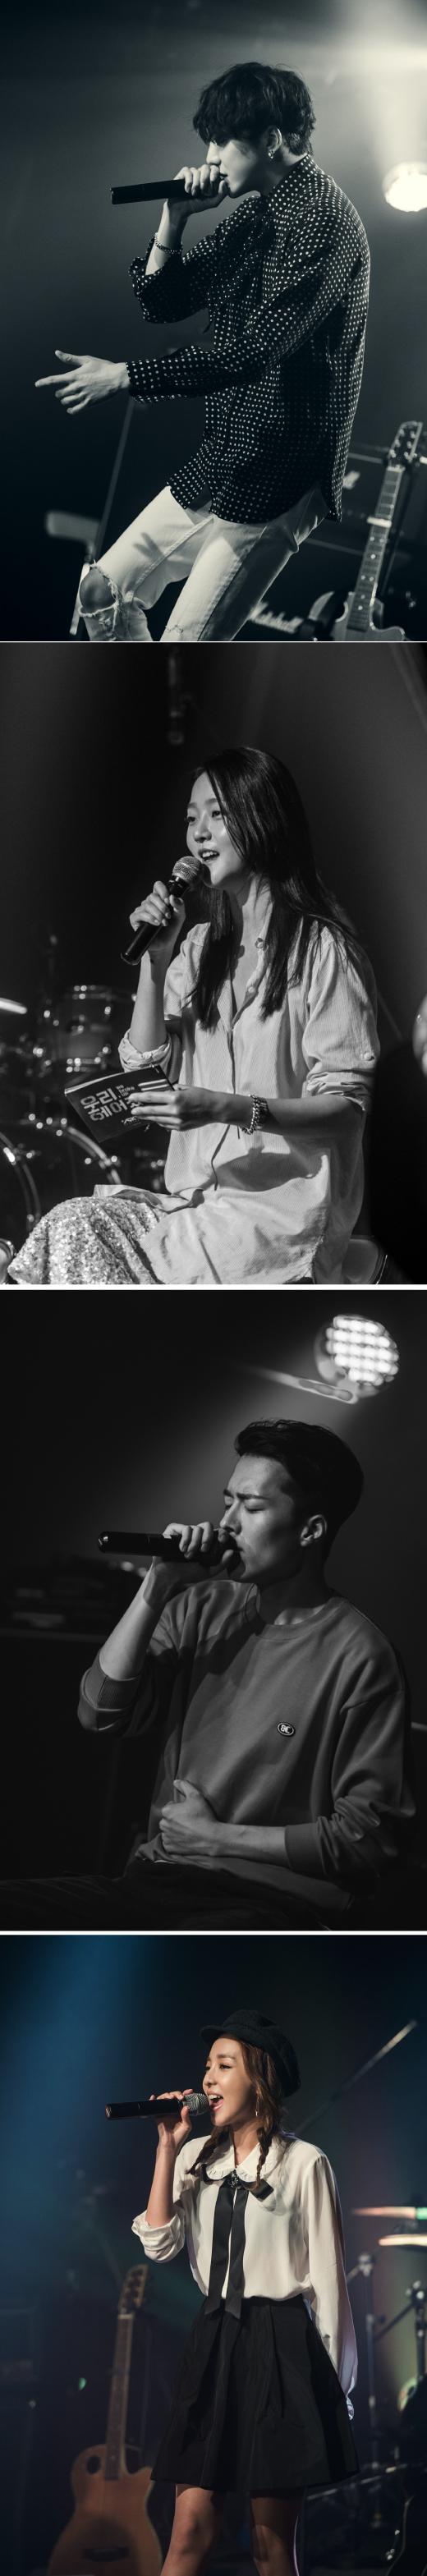 '우리 헤어졌어요' 땡큐 이벤트…산다라박·강승윤·강승현·장기용, 조회수 공약 지켜